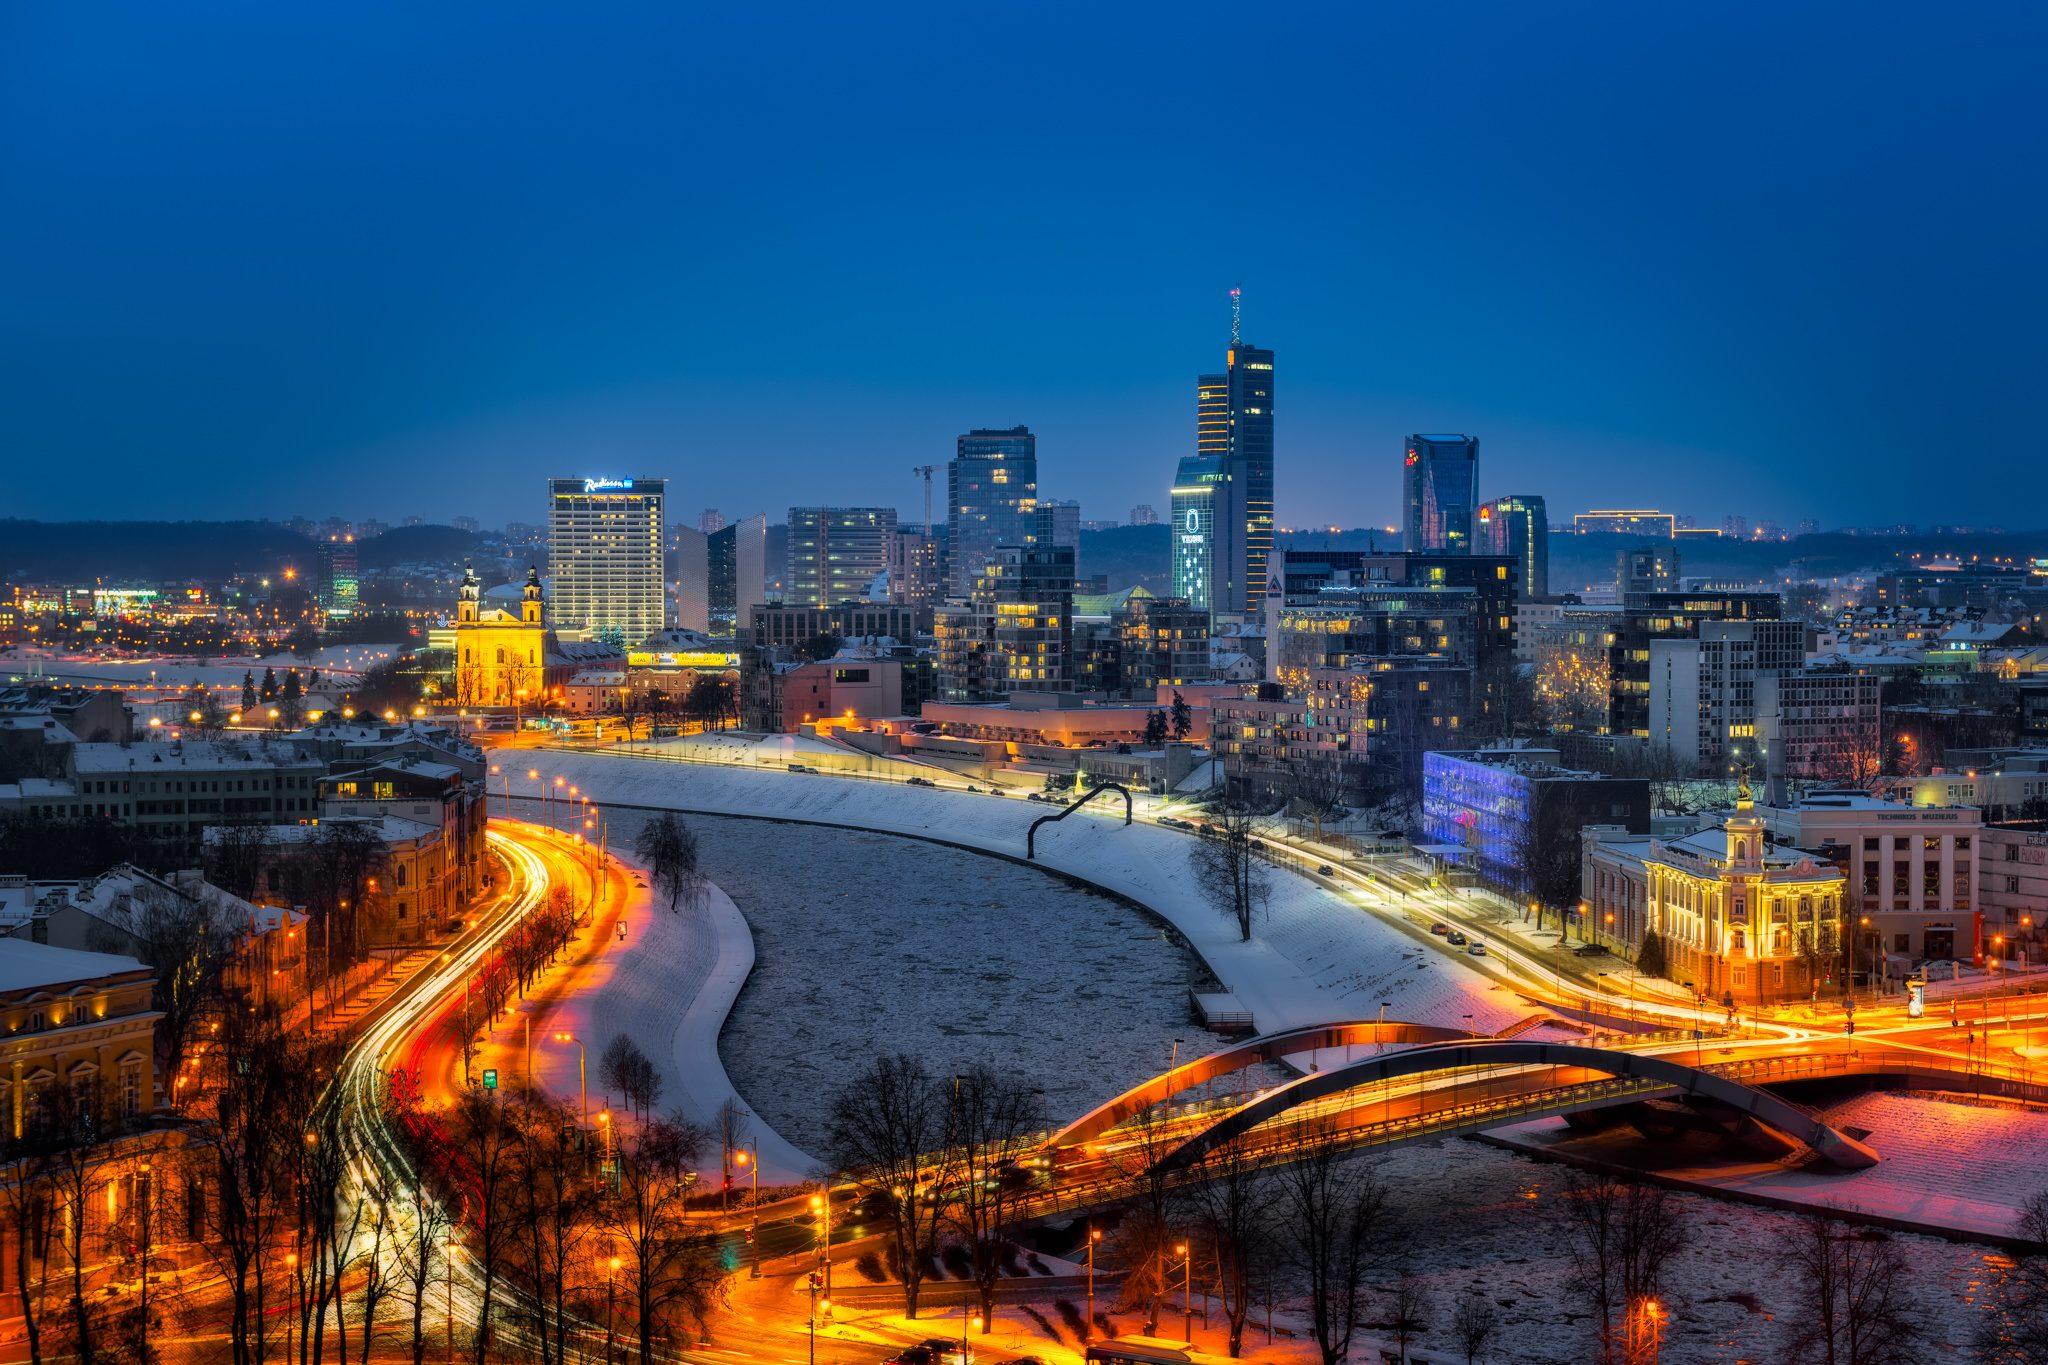 Die Skyline von Vilnius an einem Winterabend, Litauen.